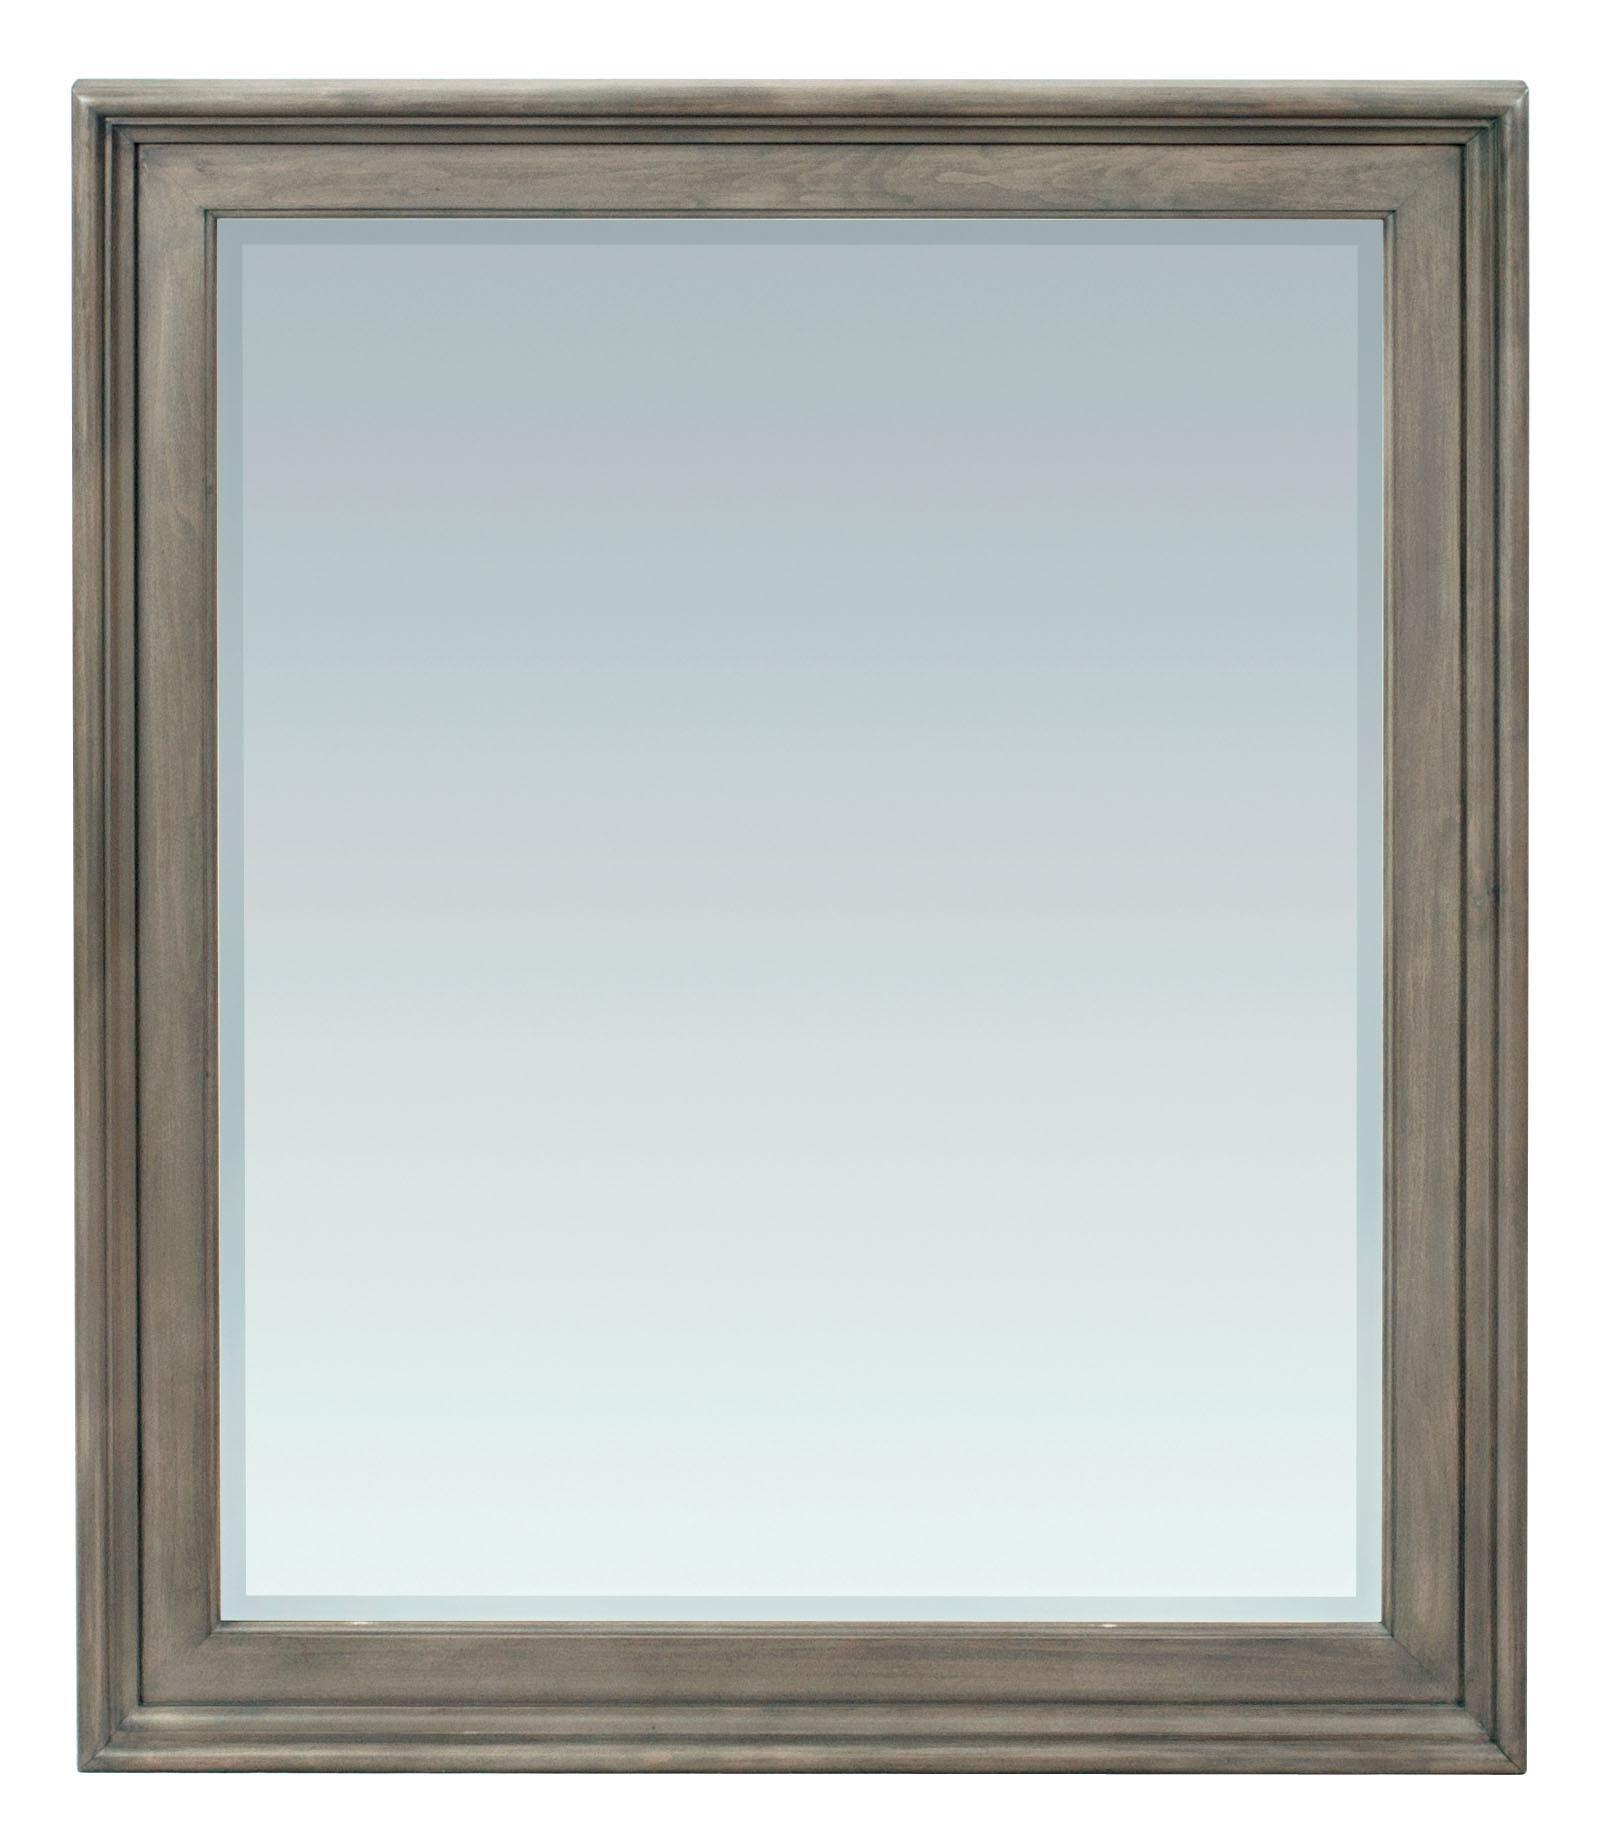 Whittier WoodFst Mckenzie Rectangular Mirror